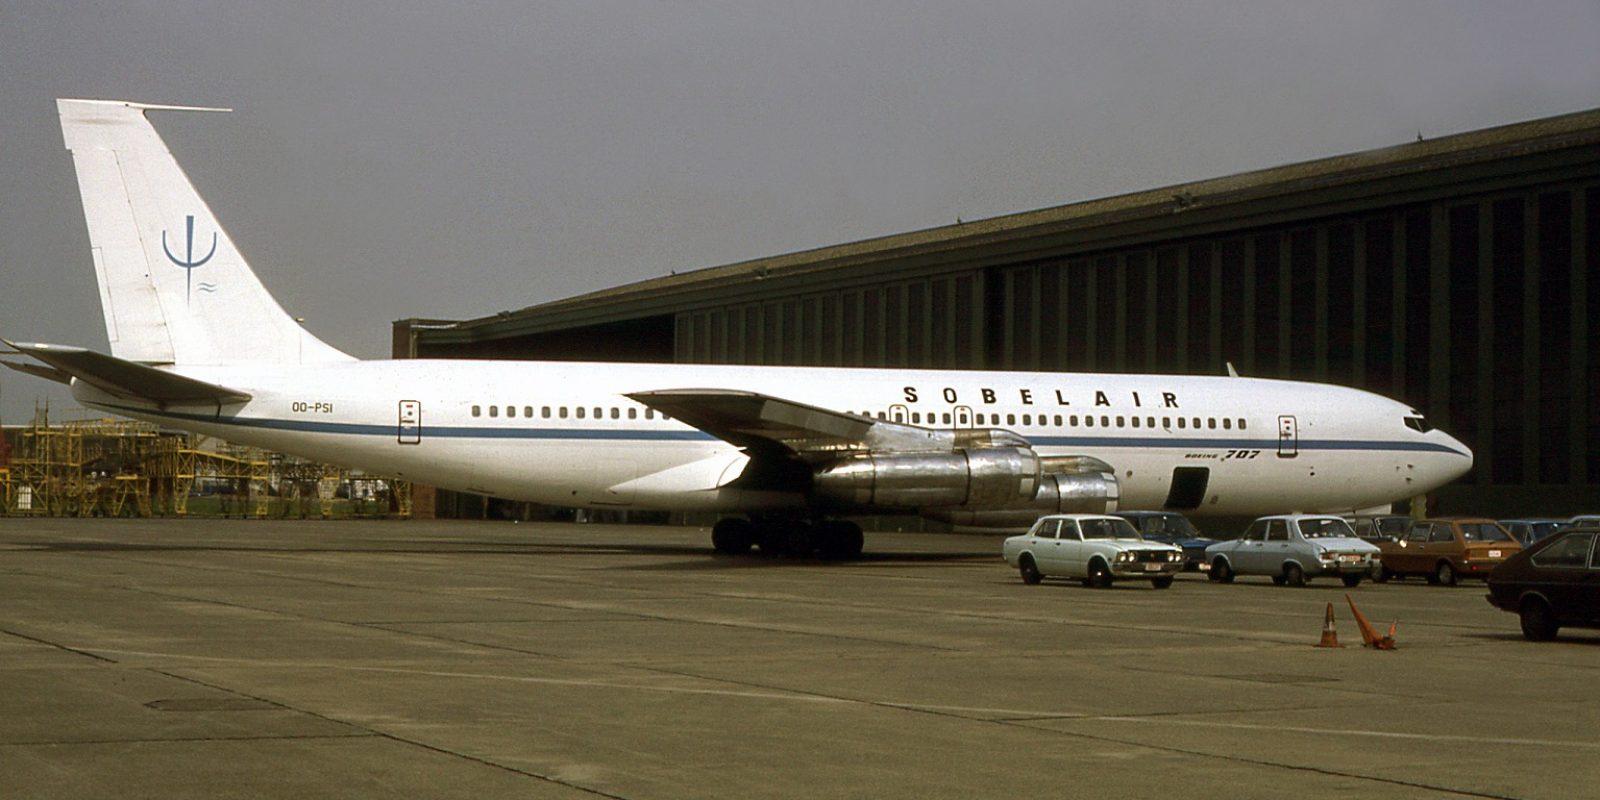 Le Boeing 707 (avec son immatriculation correcte OO-PSI) n'effectuera quasi pas de vols pour la CER. Photographié en mars 1979, il arbore le sigle « psi » de la CER (rappelant le projet « Planet Survival International ») sur la dérive, et les titres « Sobelair » sur le fuselage.